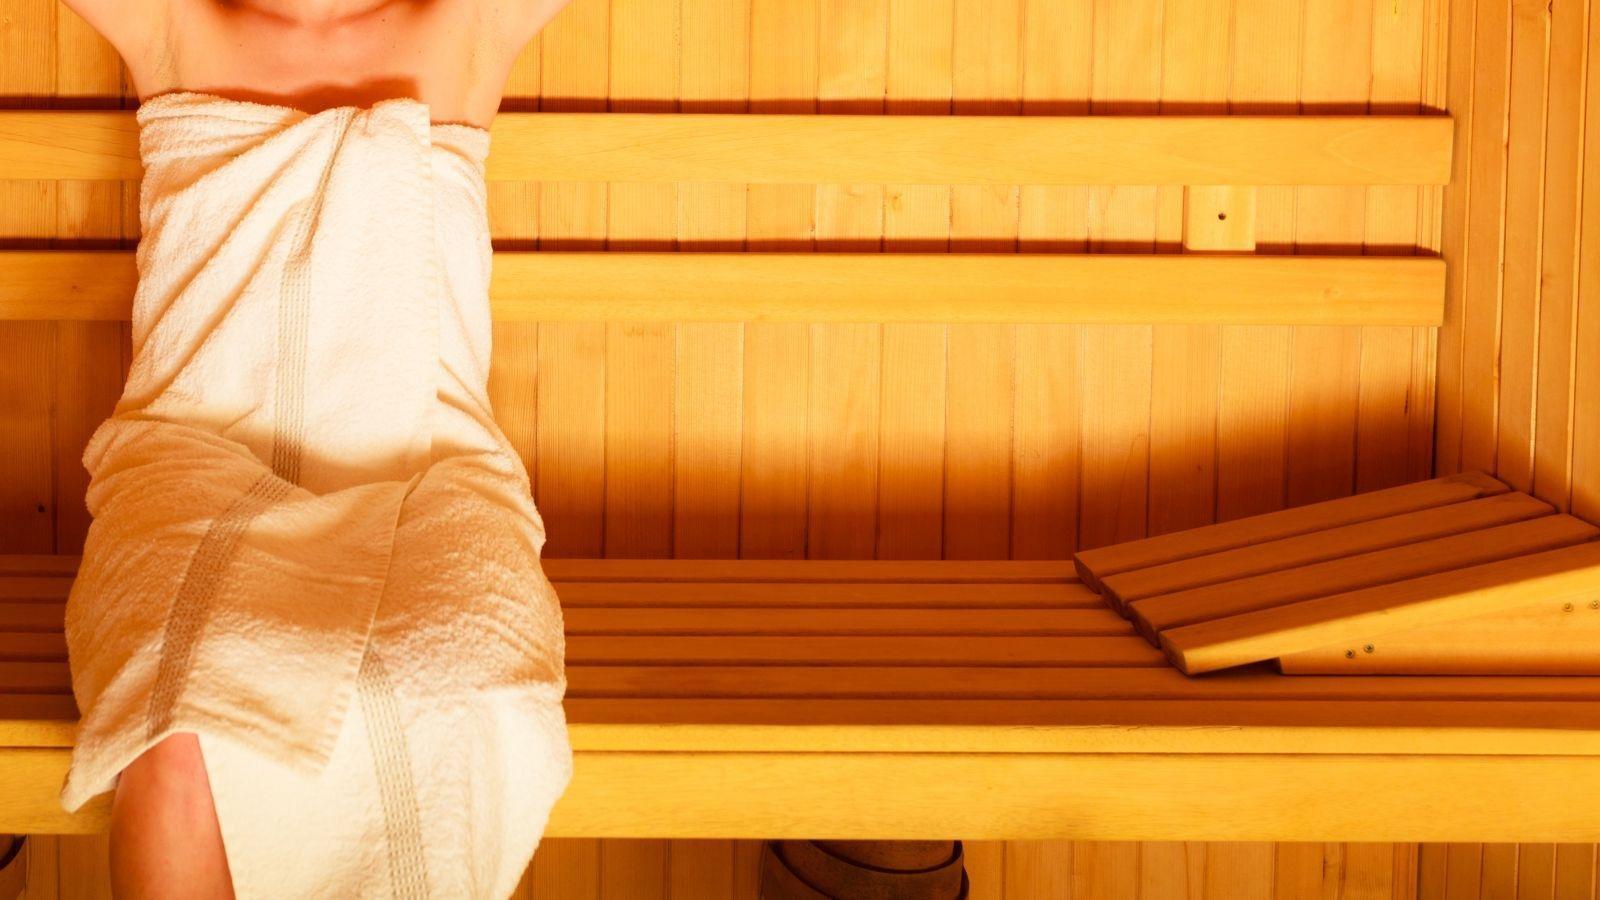 Sauna Health Benefits: Are Saunas Healthy Or Harmful?